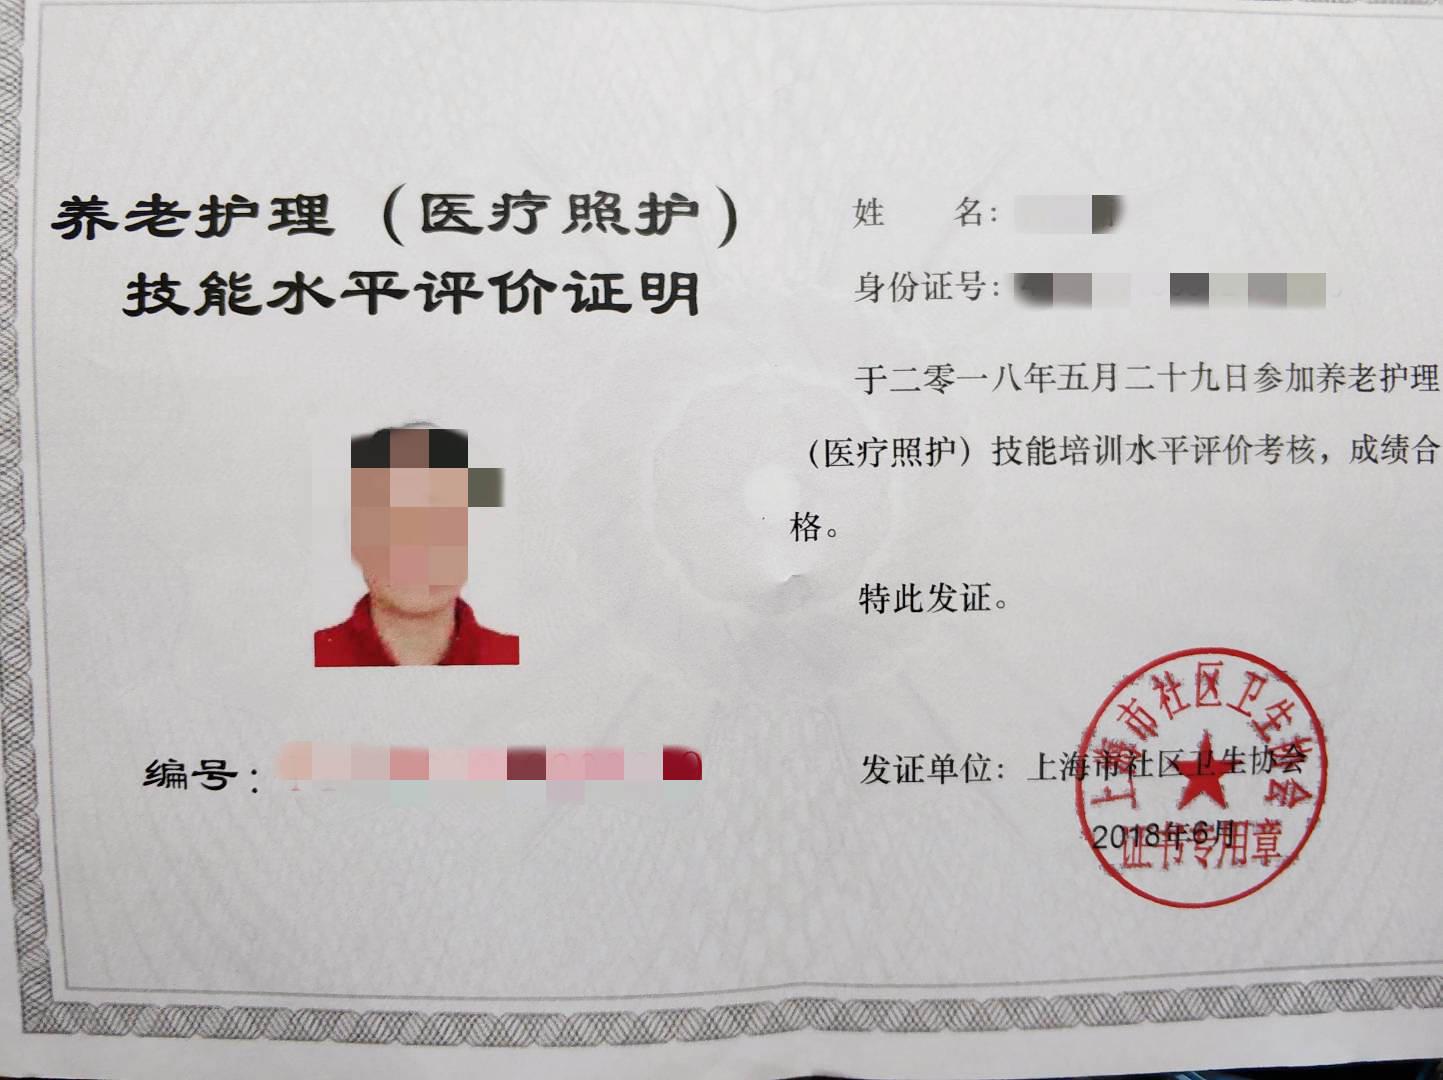 公司个人个人工作总结_上海个人调查公司_上海侦探公司福邦调查